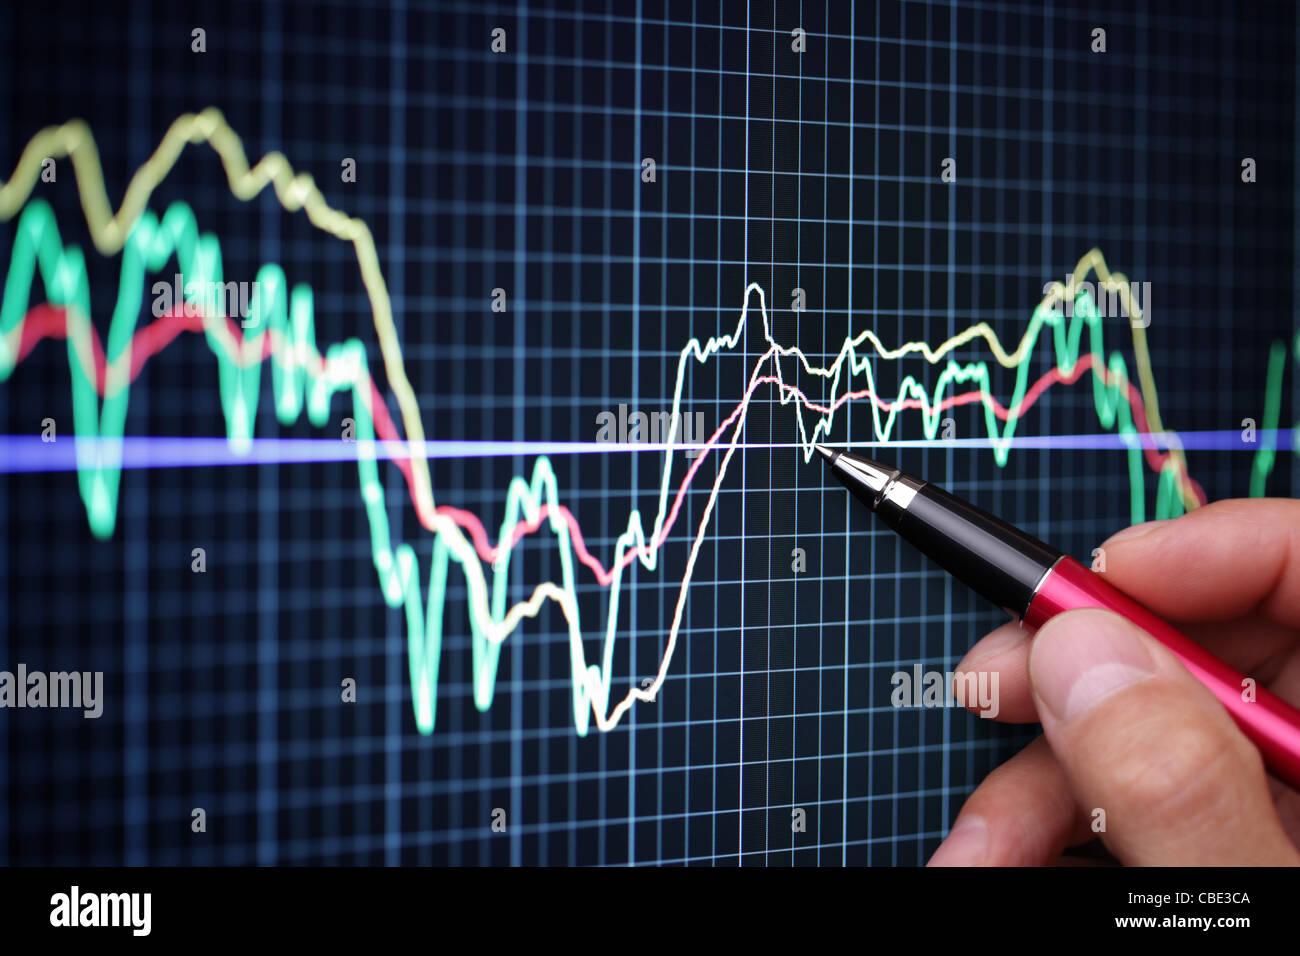 Markt zu analysieren, auf dem LCD-Bildschirm Stockfoto